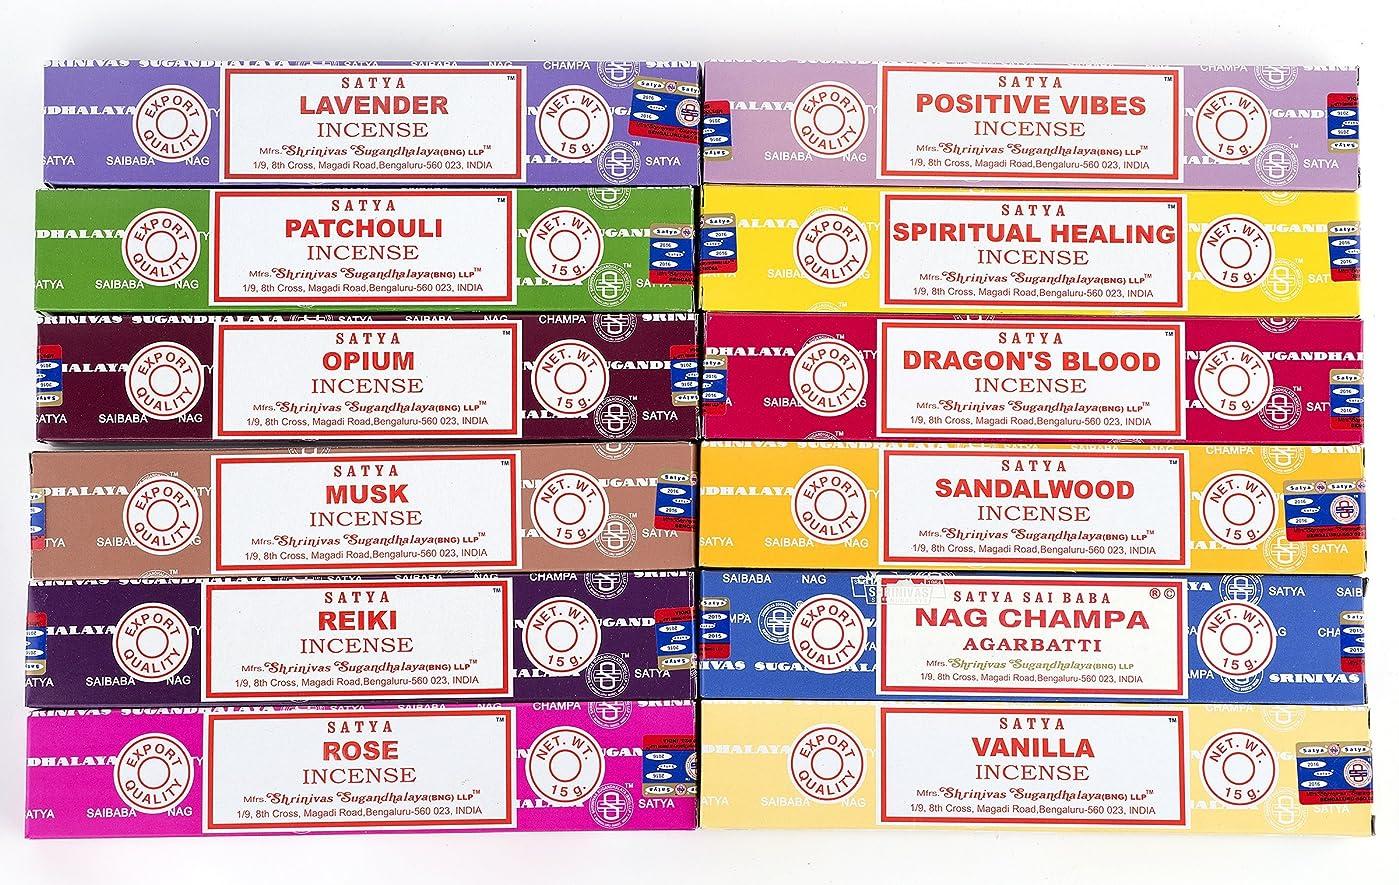 くつろぎモットー継続中Nag Champa、ラベンダー、パチュリOpium、ムスク、レイキ、ローズ、Positive Vibes、Spiritual Healing、ドラゴンブラッド、サンダルウッド、バニラ